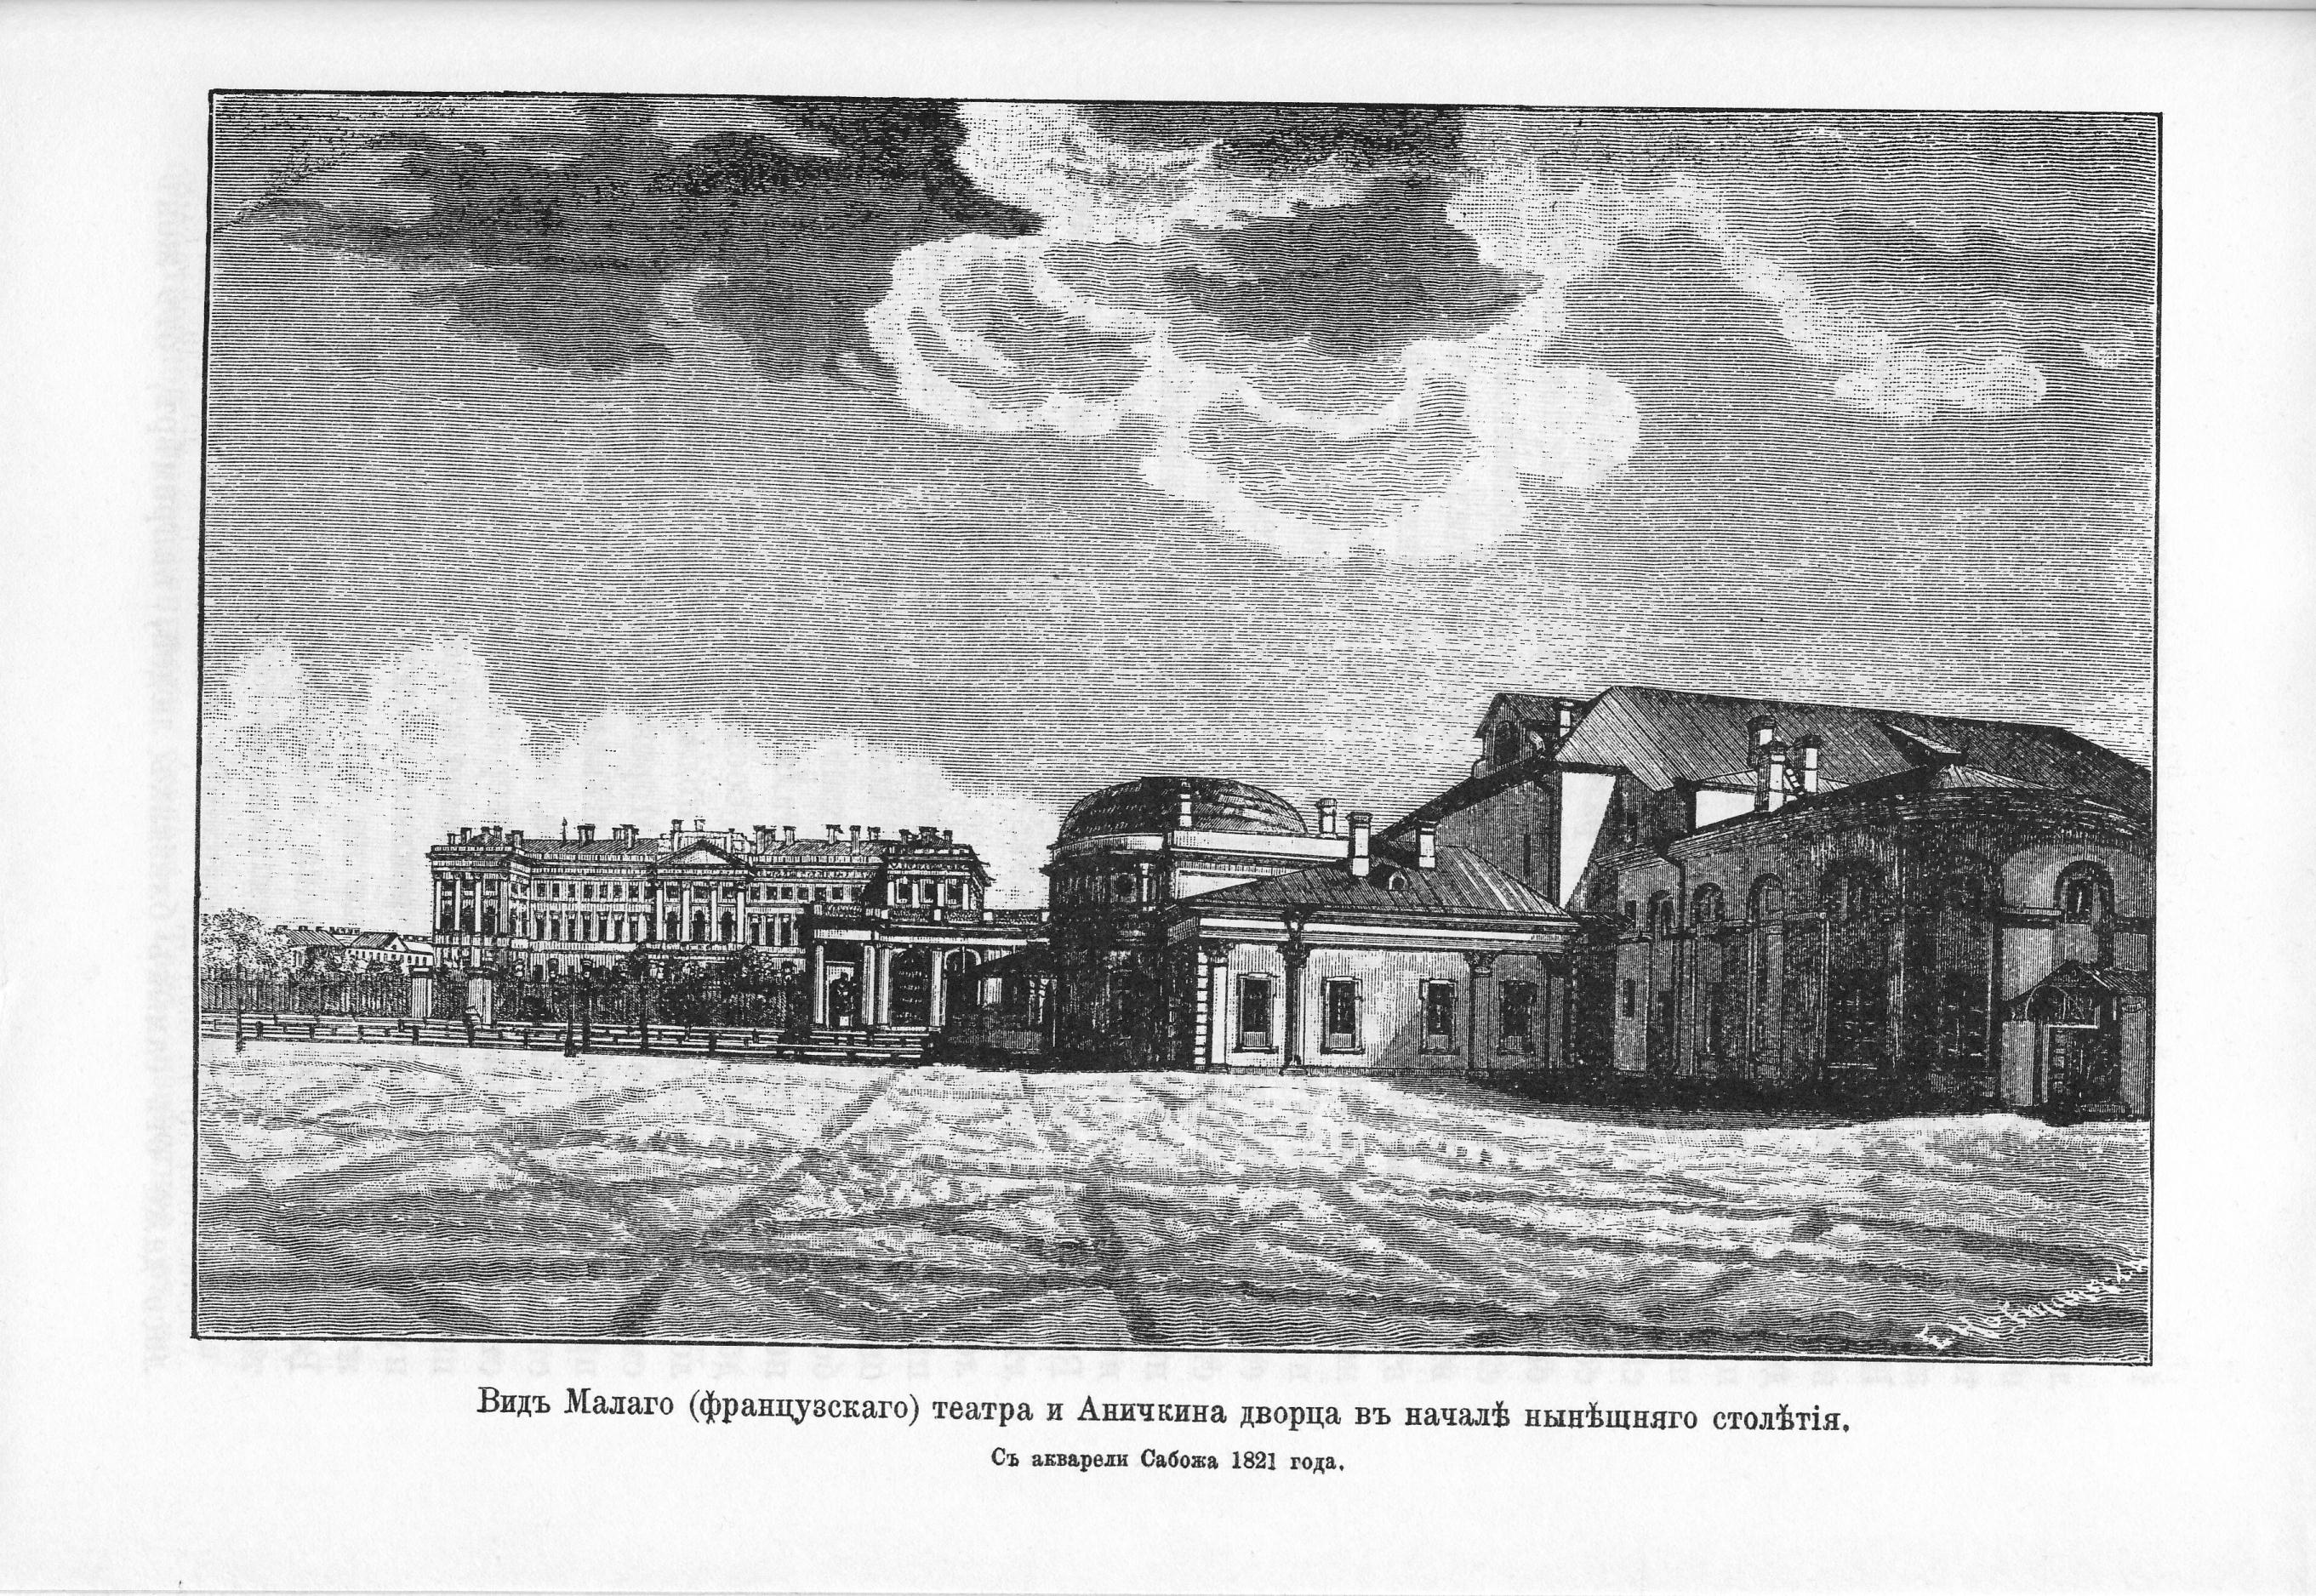 Вид Малого театра